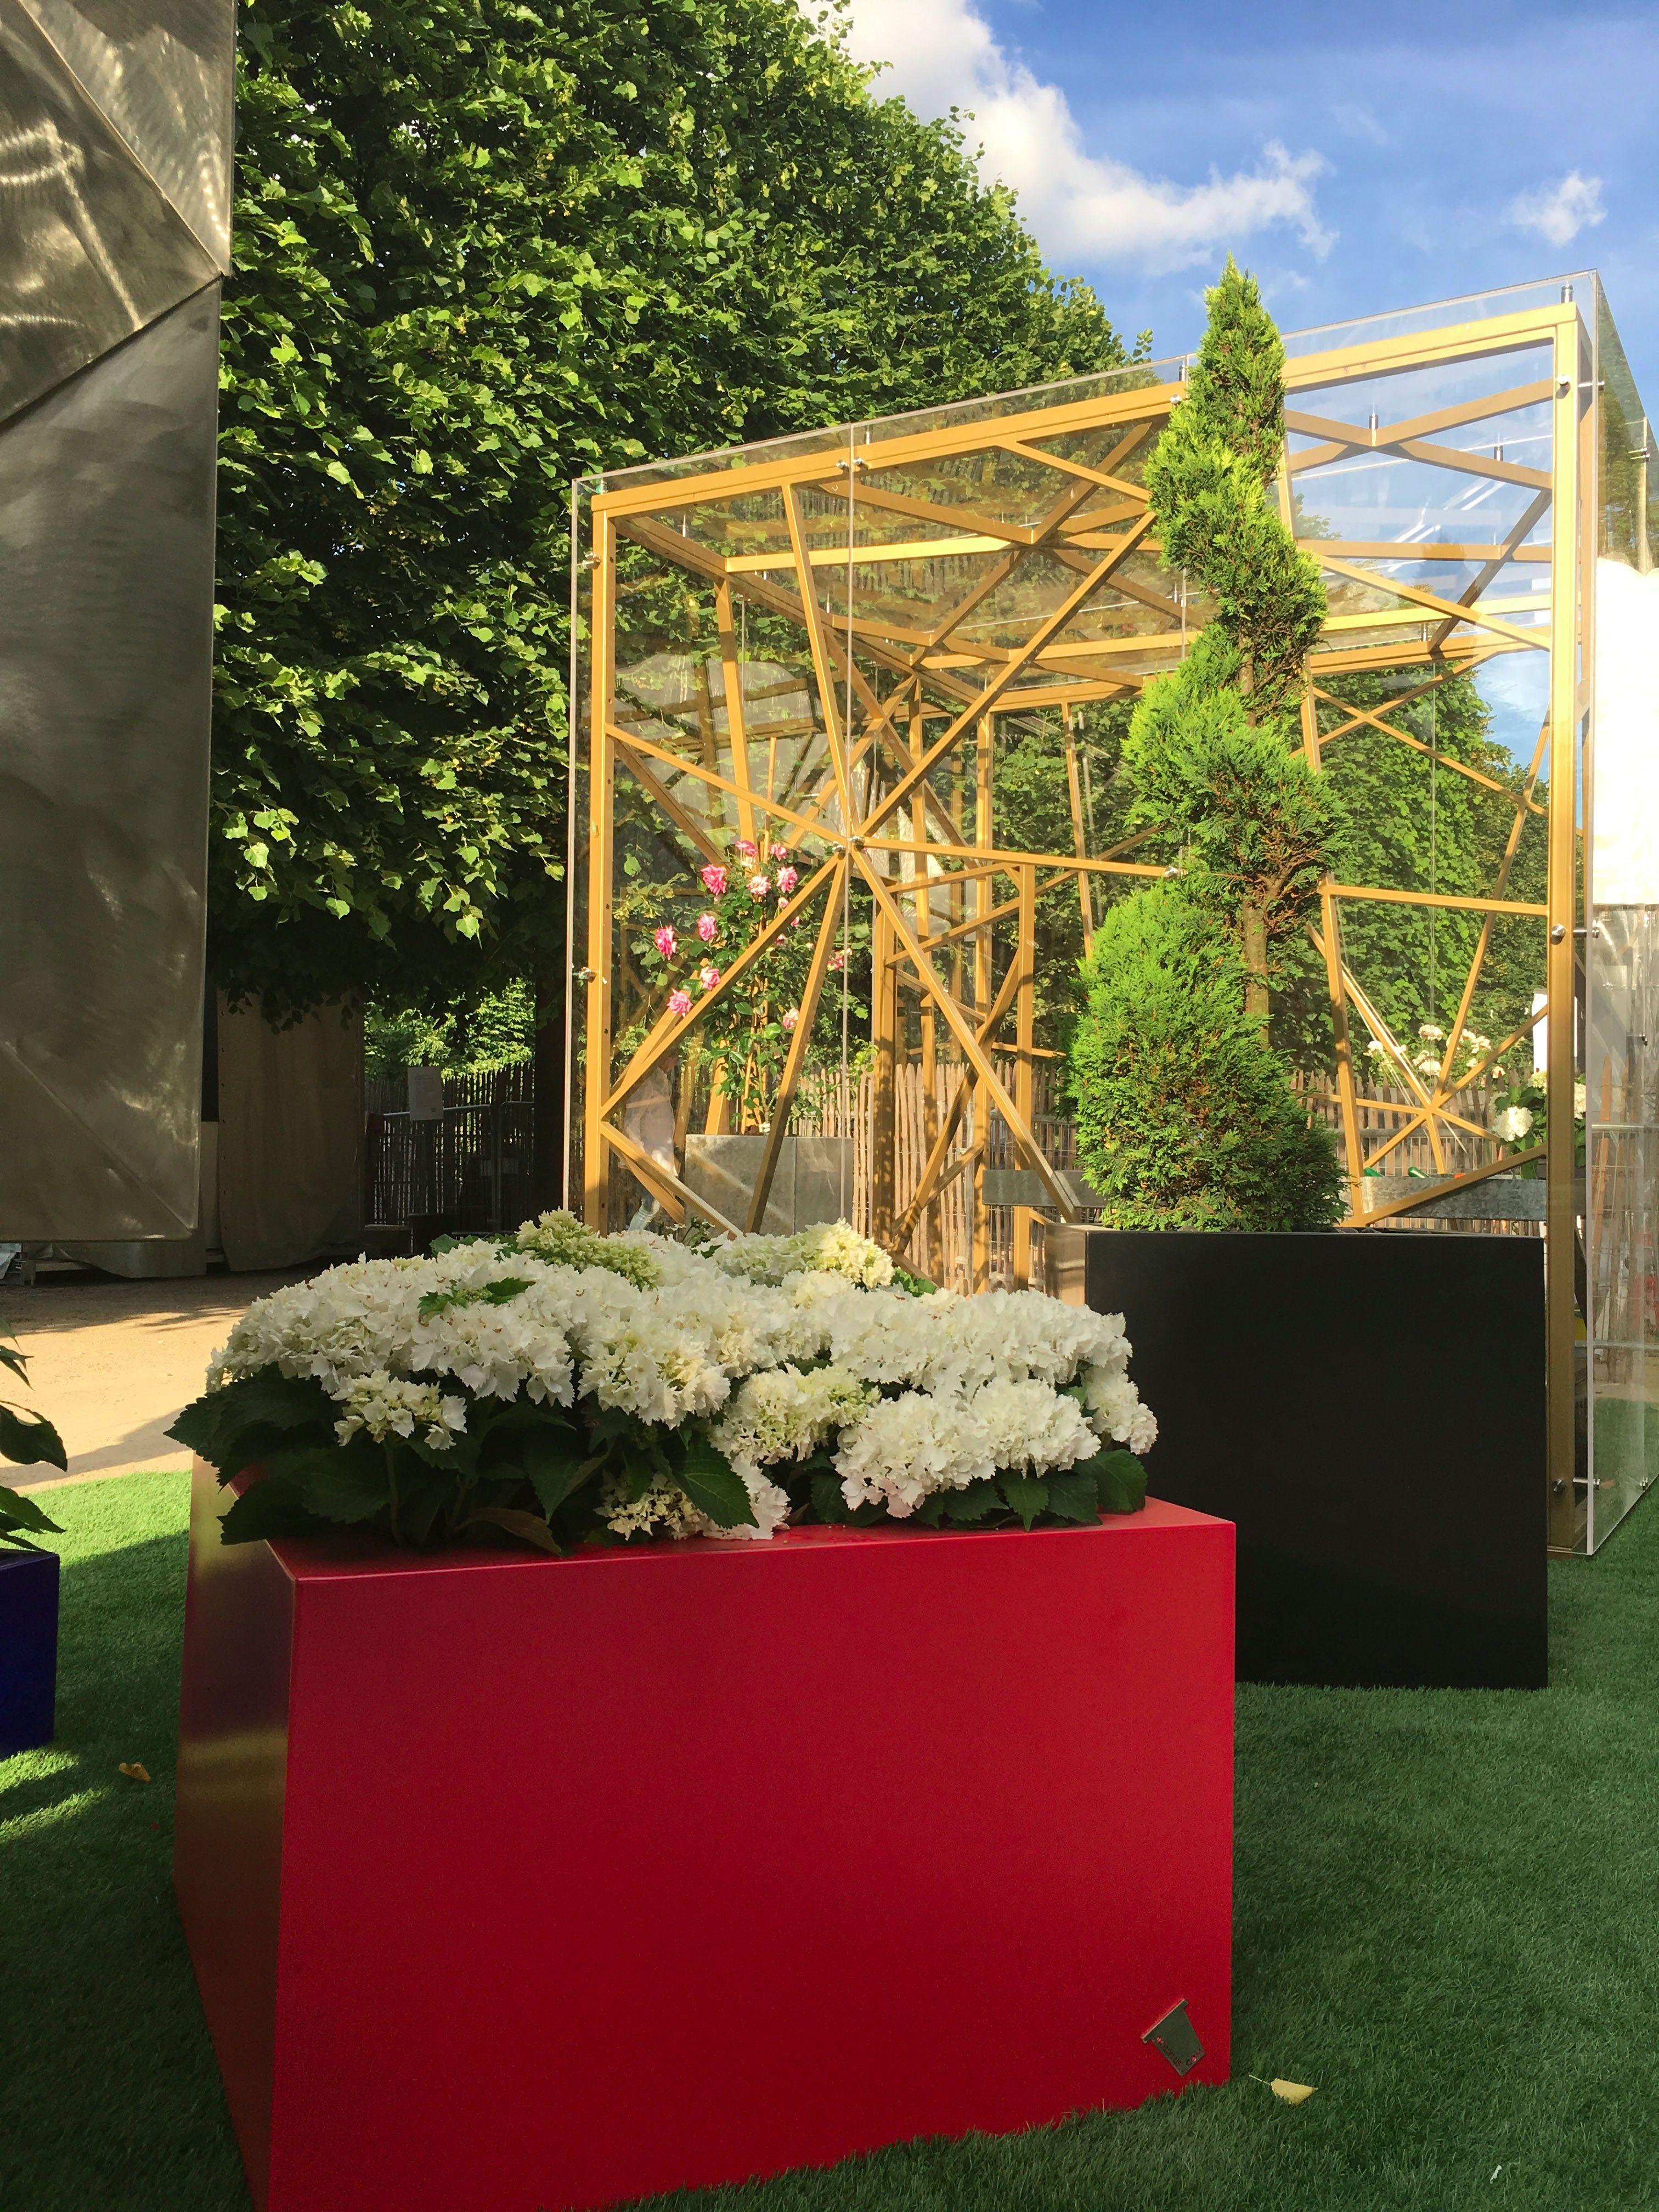 Serre contemporaine mes cr ations pinterest contemporain serre et guillaume - Verriere jardin d hiver ...